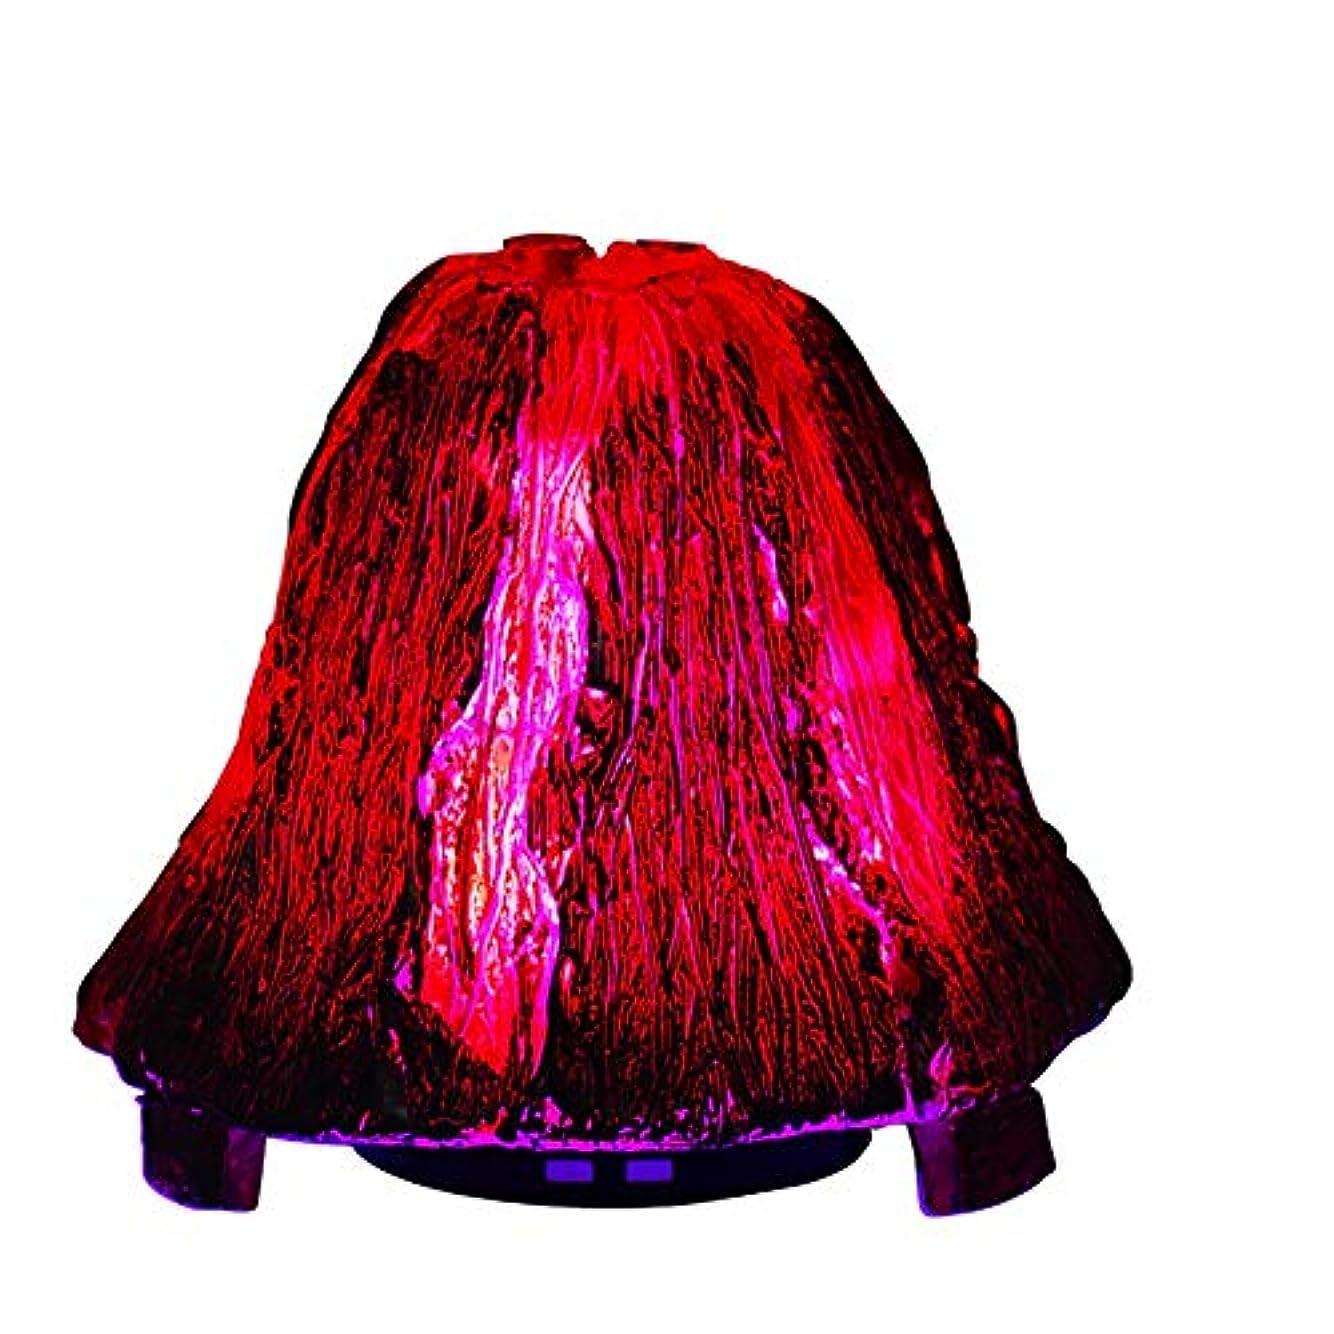 システム創始者あらゆる種類のオリジナリティ火山のエッセンシャルオイルディフューザー、120mlアロマセラピー超音波クールミスト加湿器、7色LEDライト付きウォーターレスオートオフ